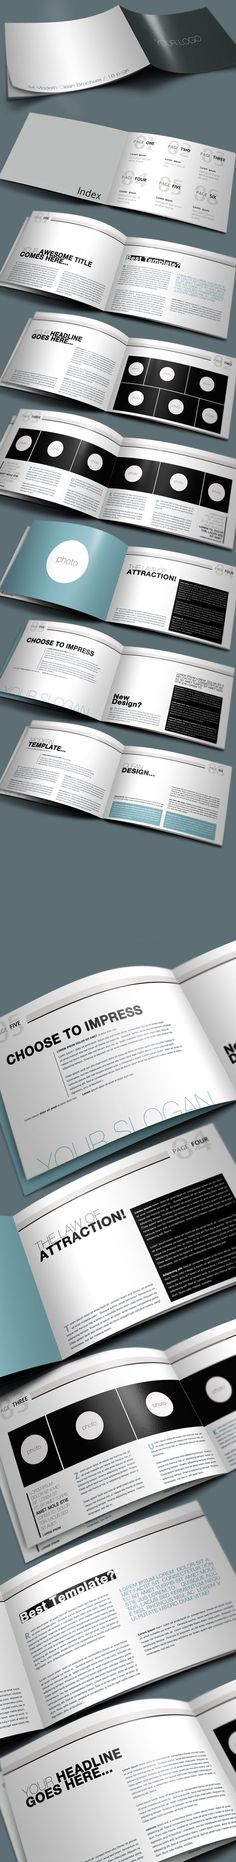 Clean Brochure by Danijel Mokic, via Behance